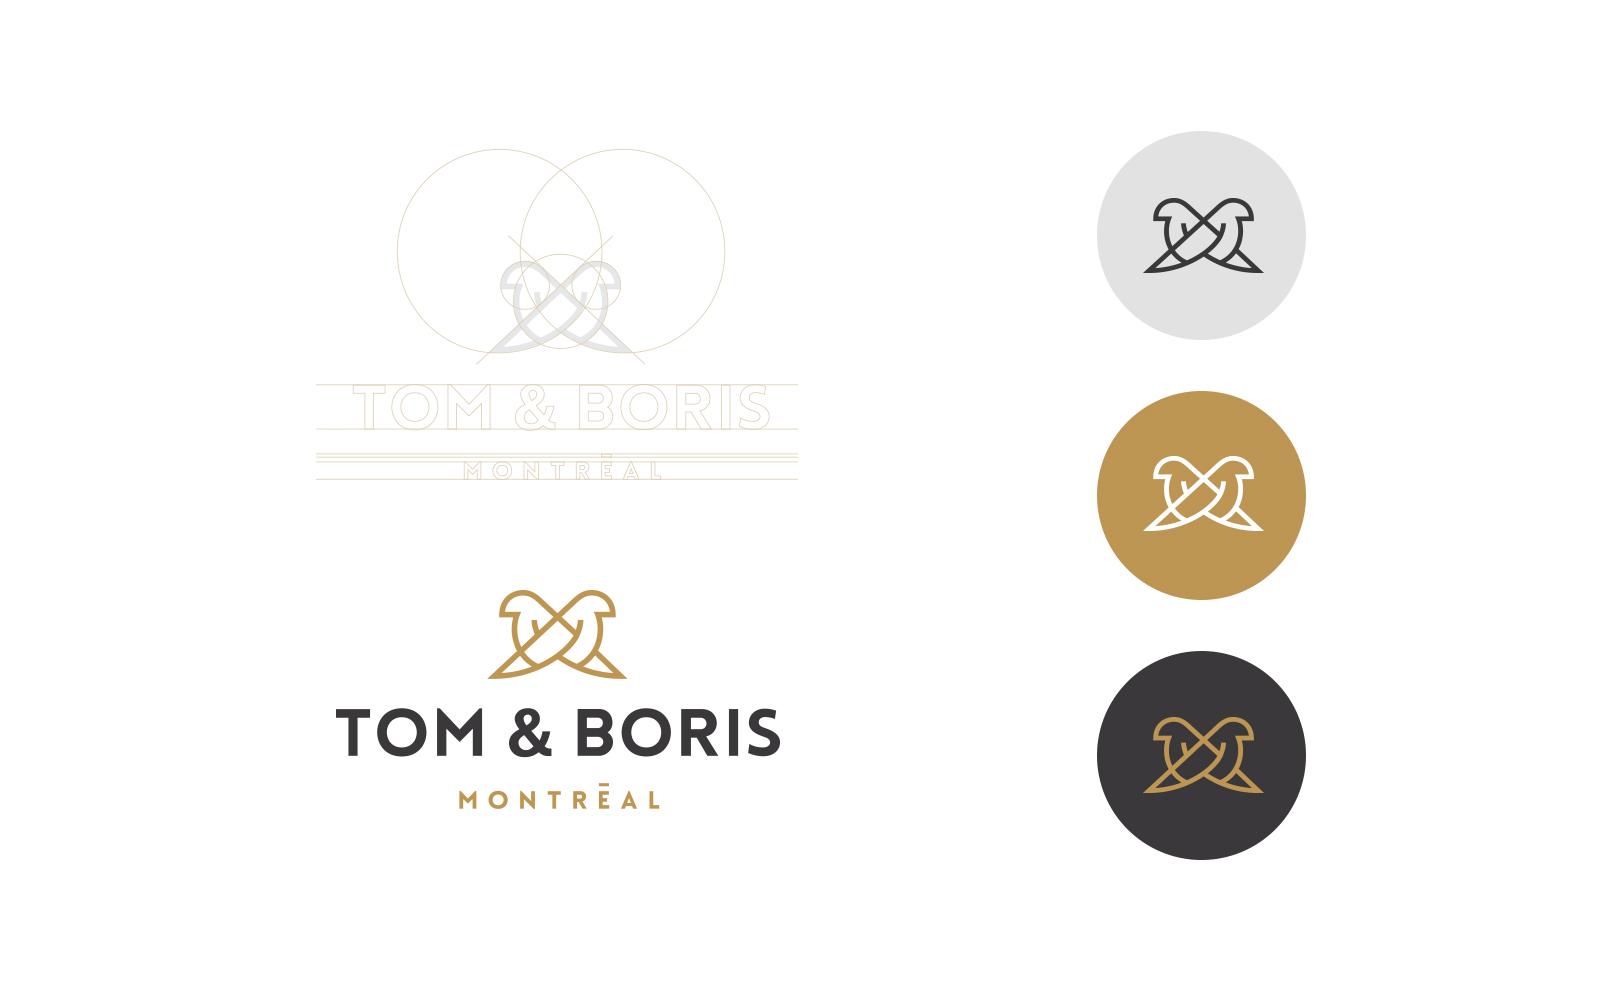 TomBoris_02